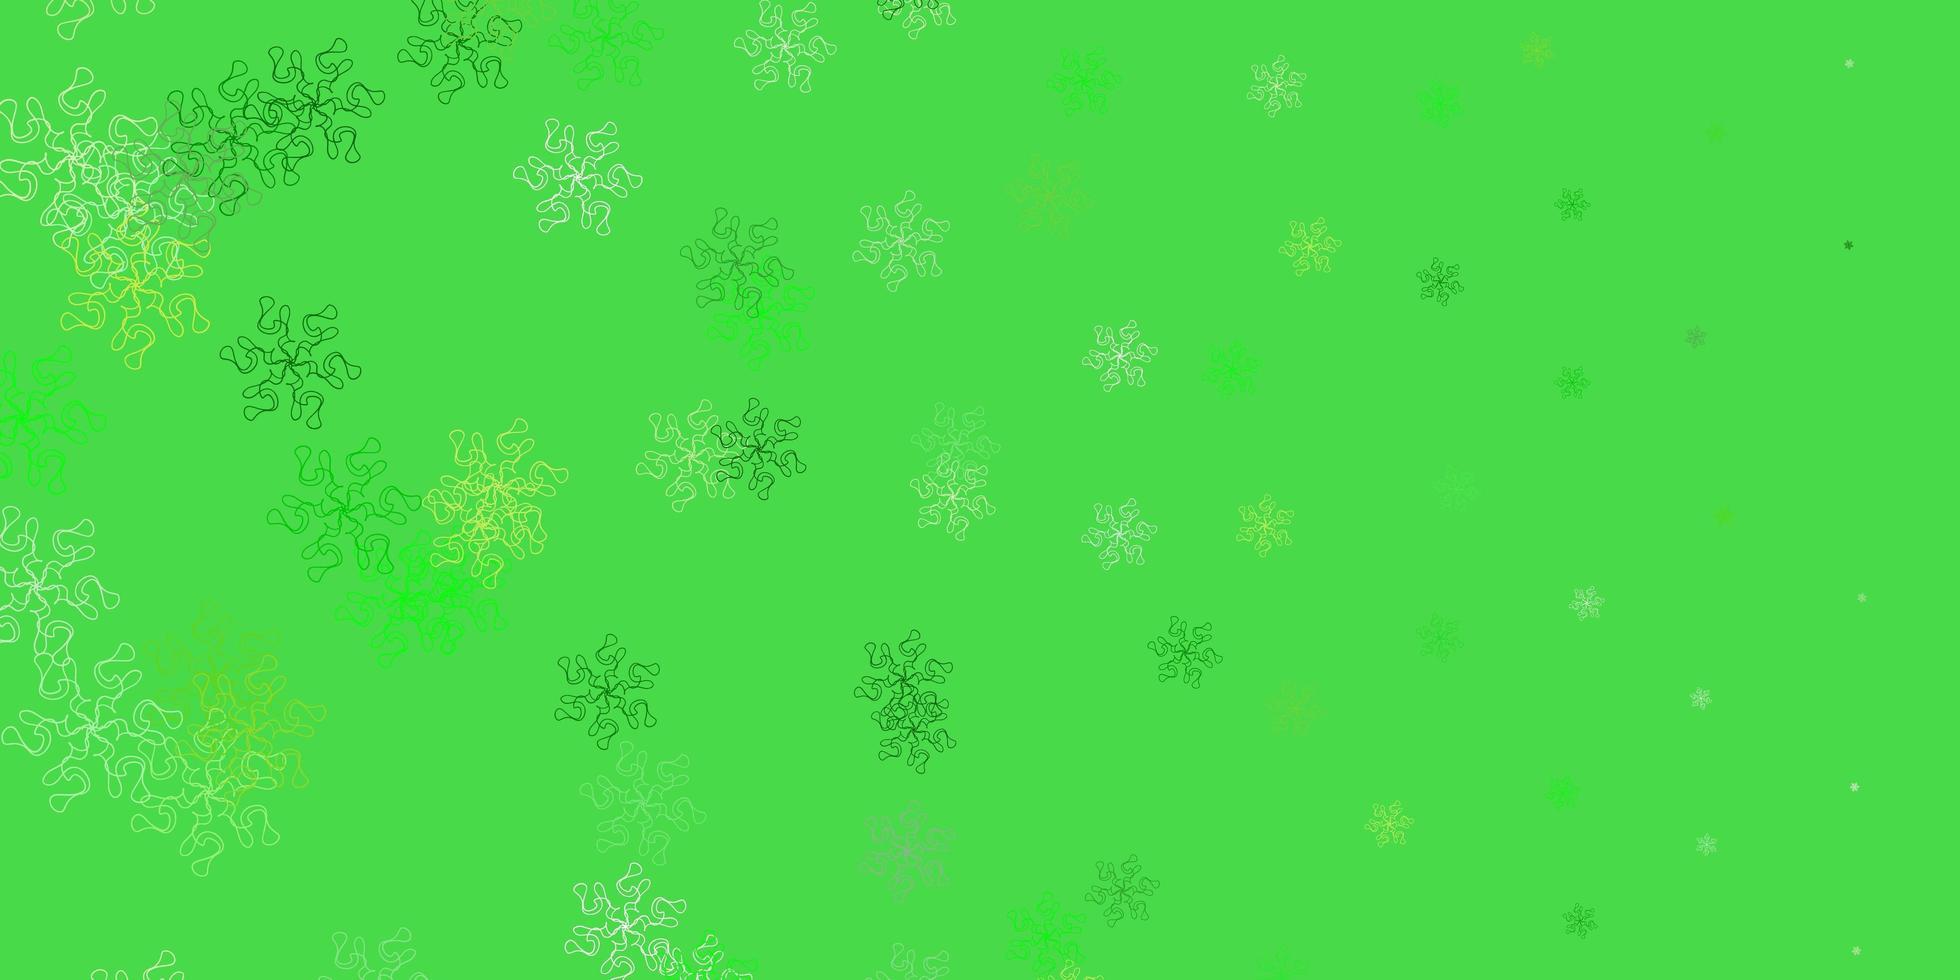 texture de doodle vecteur vert clair, jaune avec des fleurs.